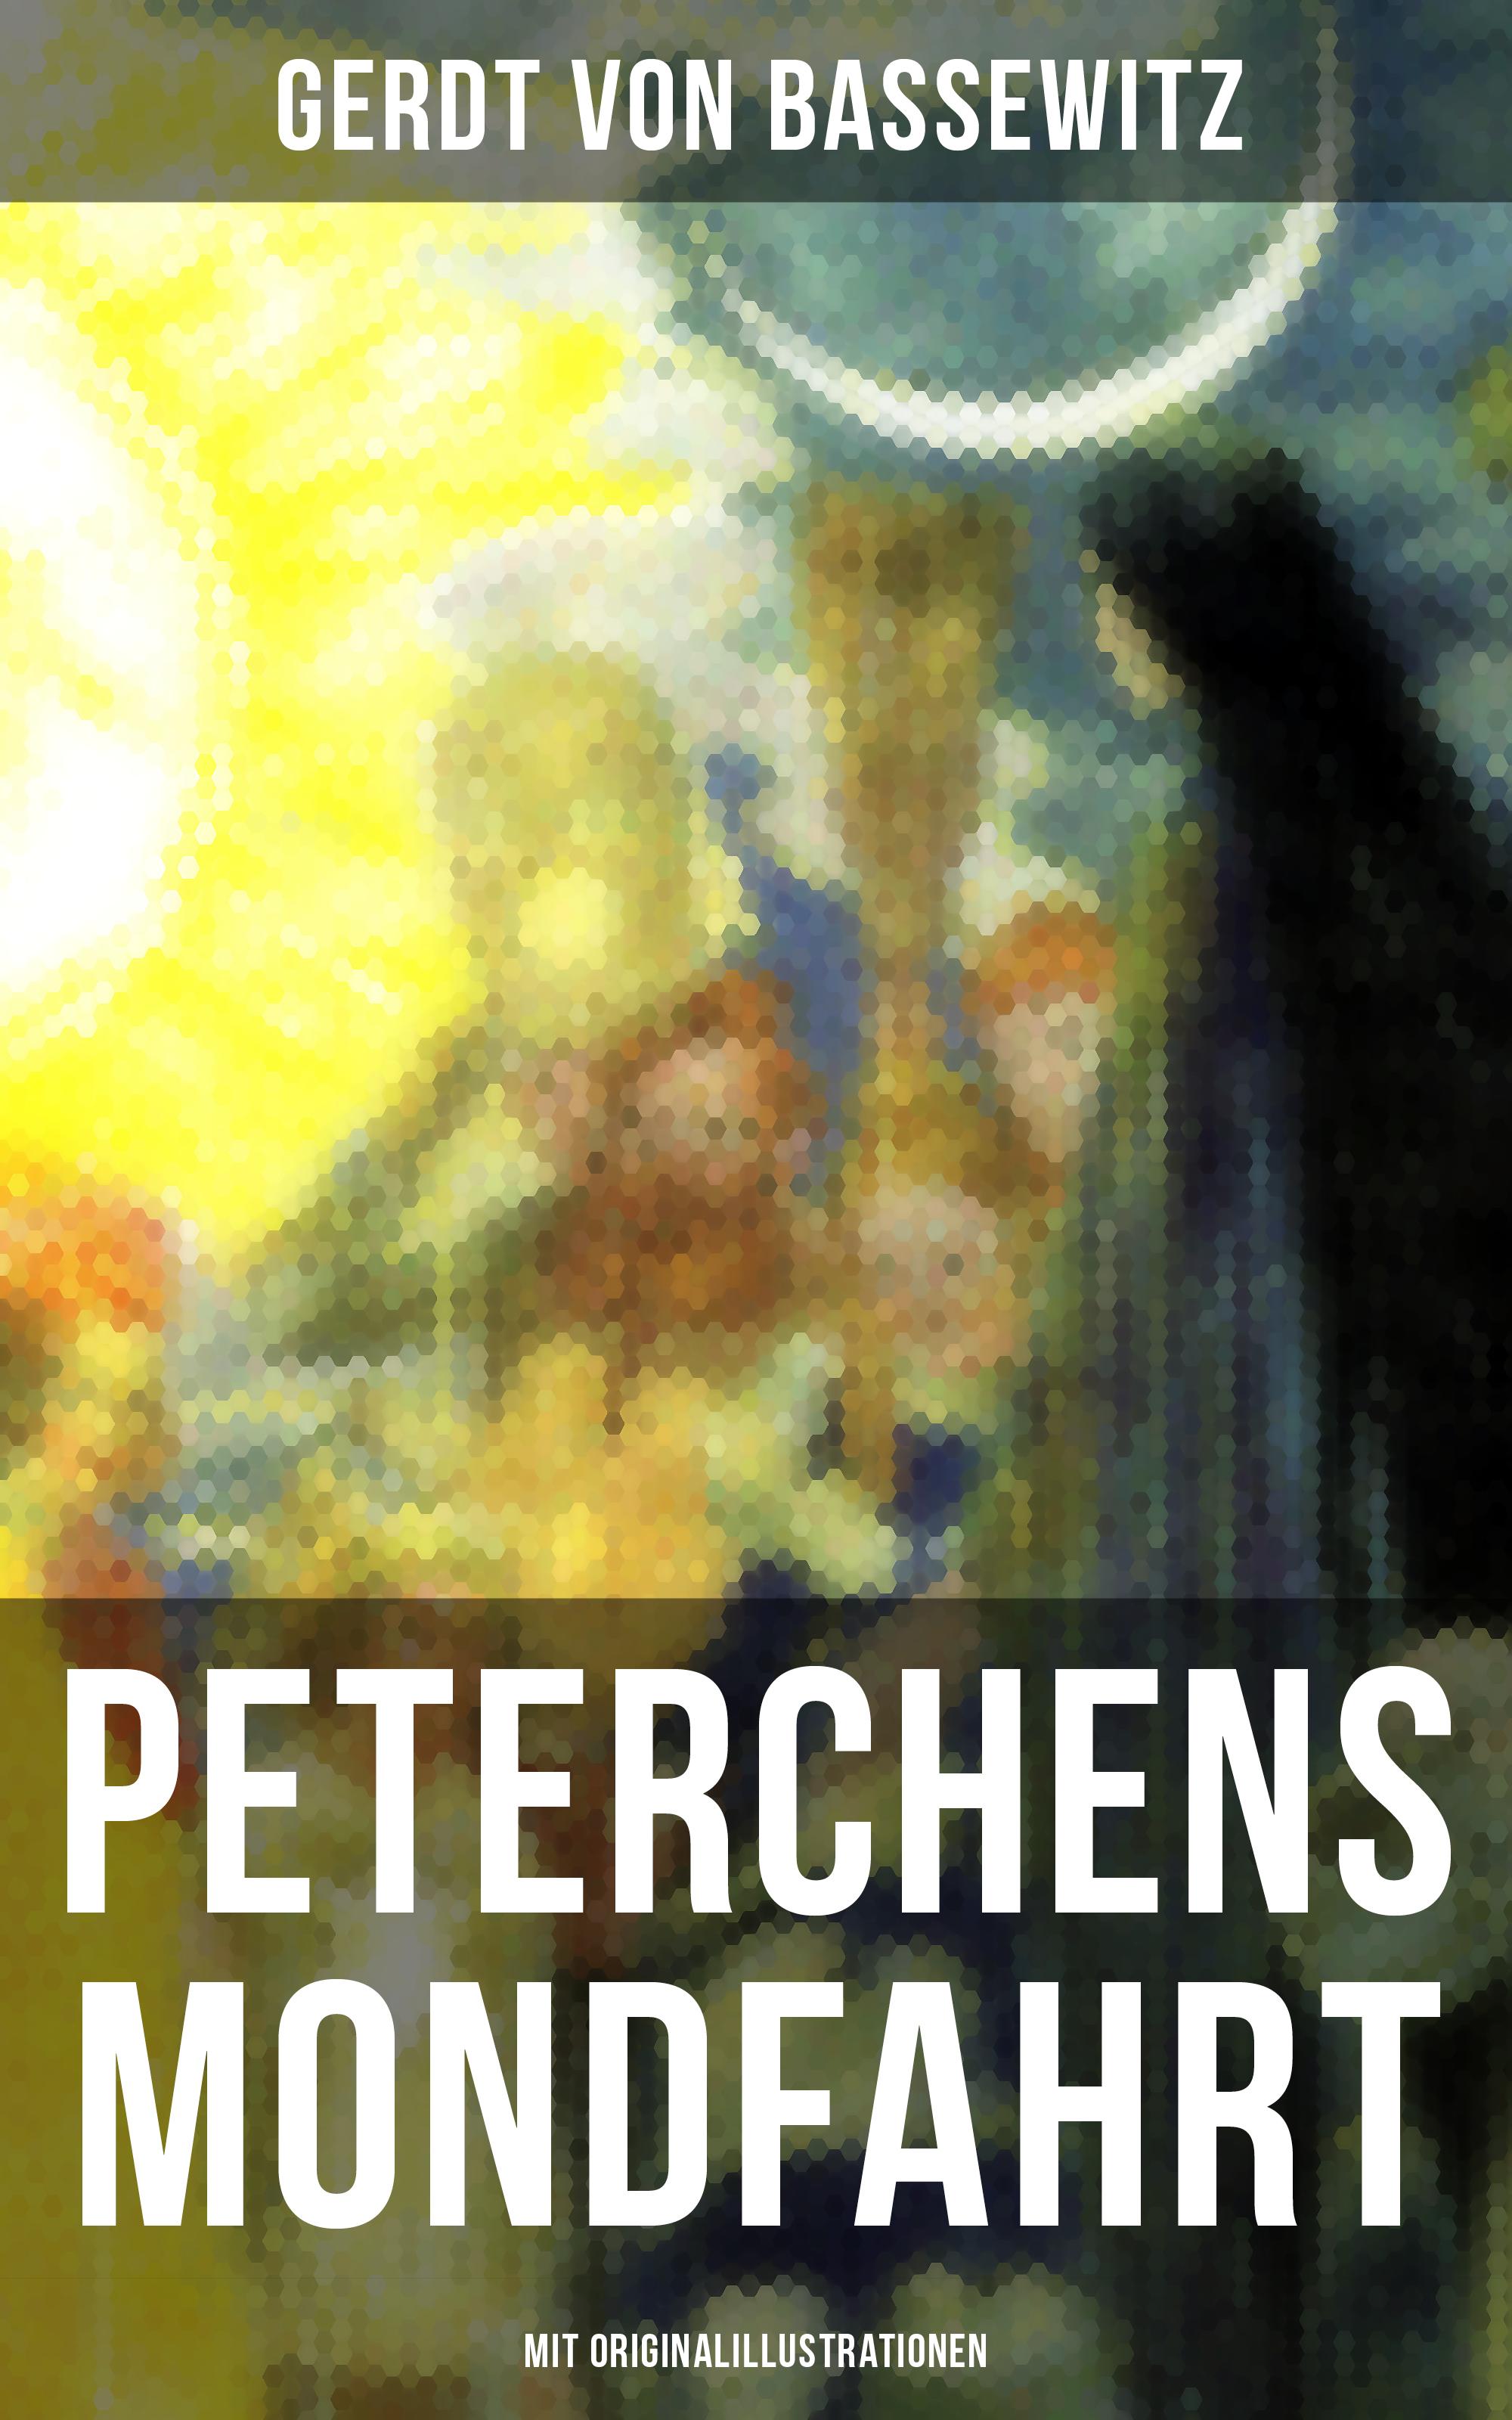 peterchens mondfahrt mit originalillustrationen